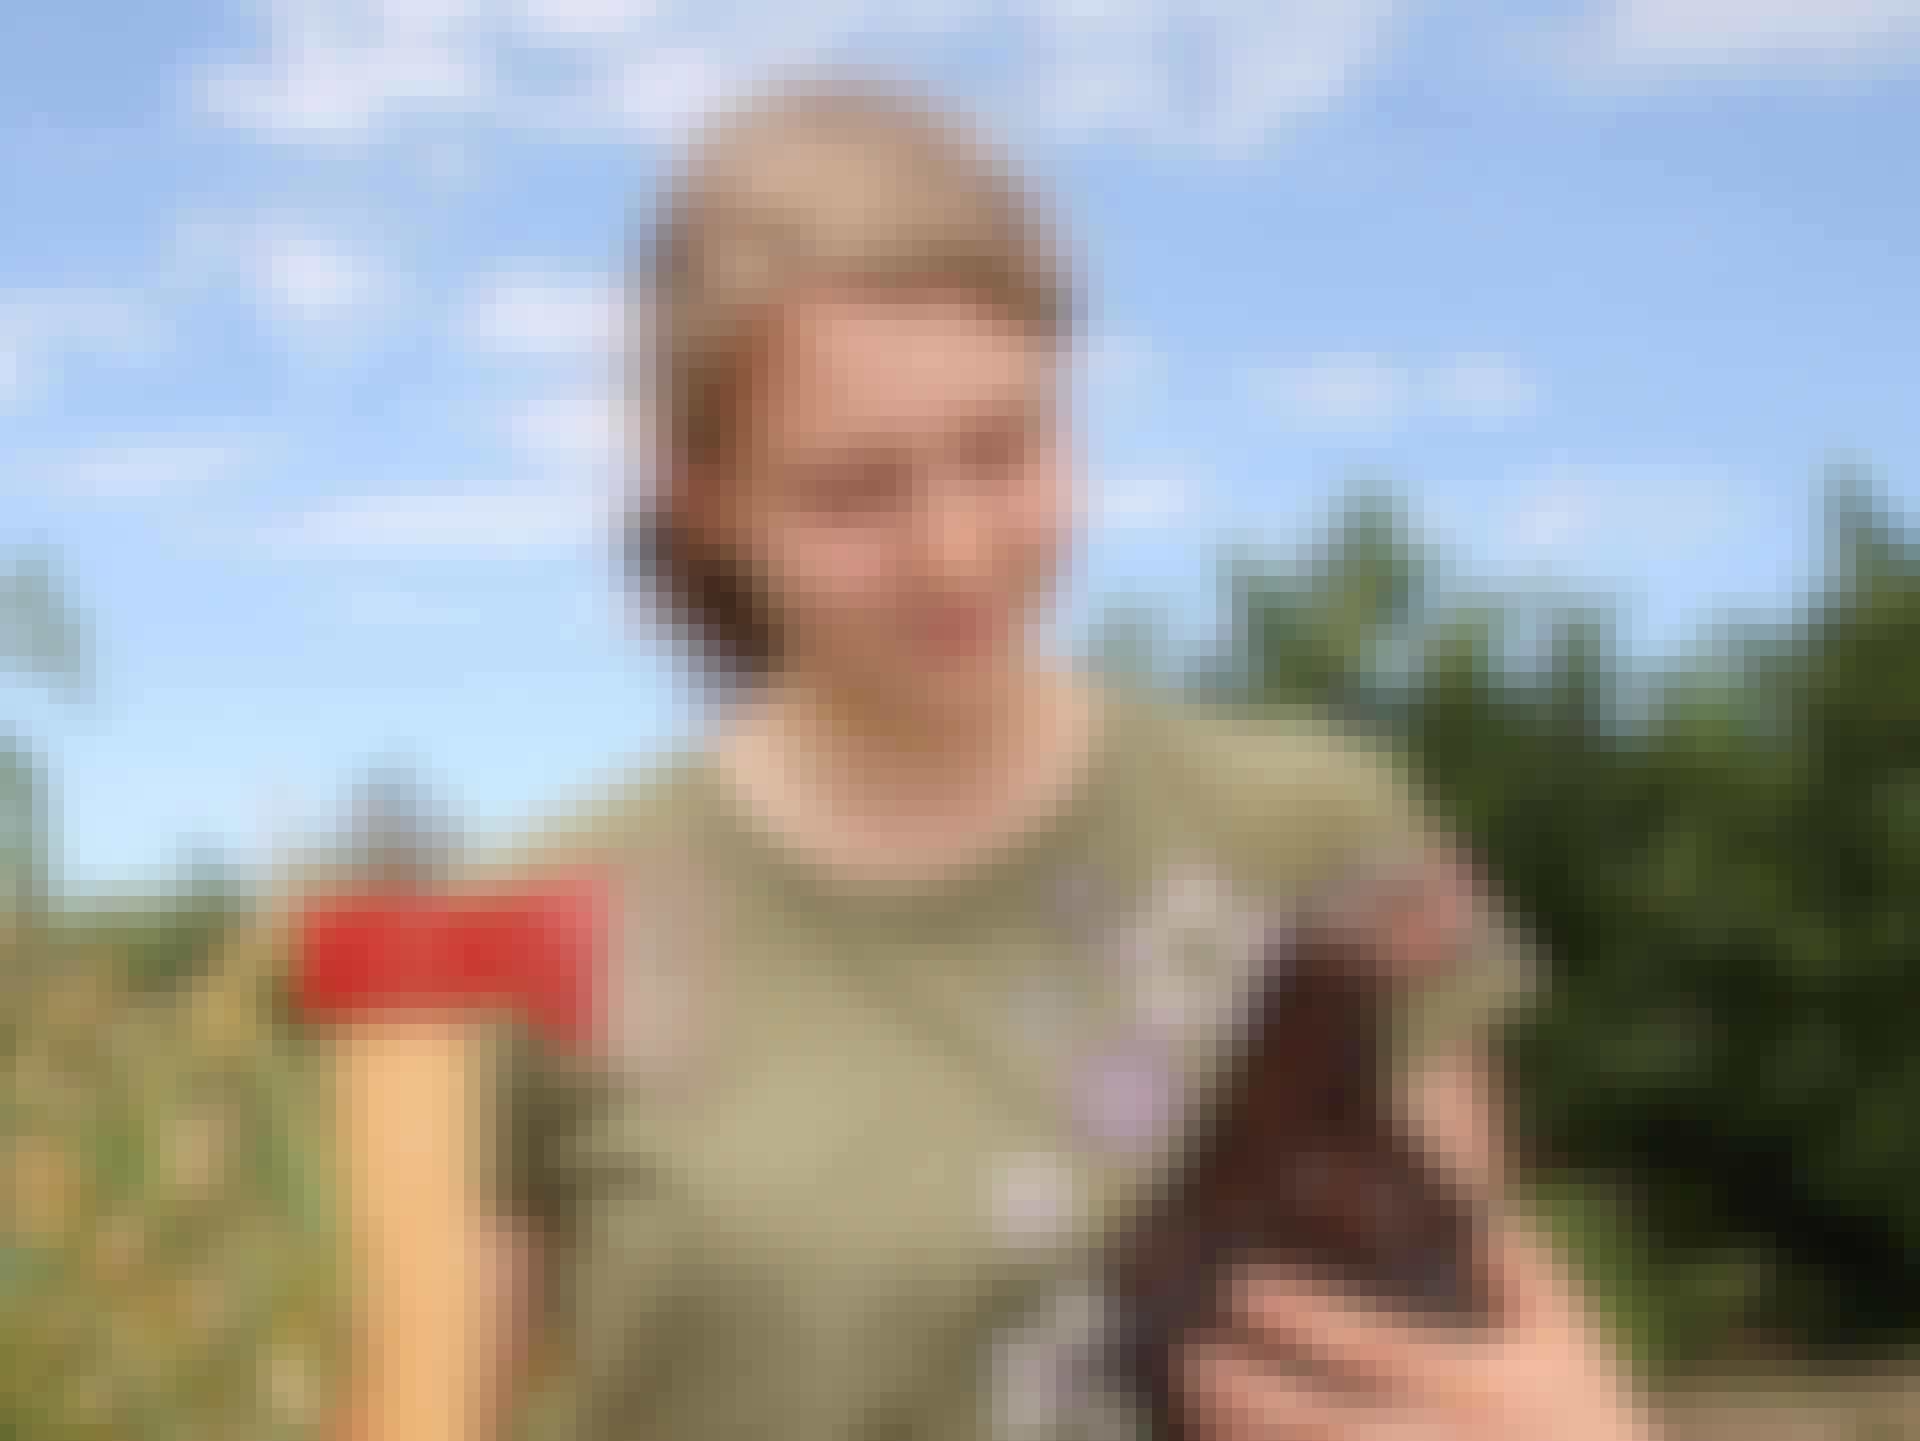 hovedløse høns